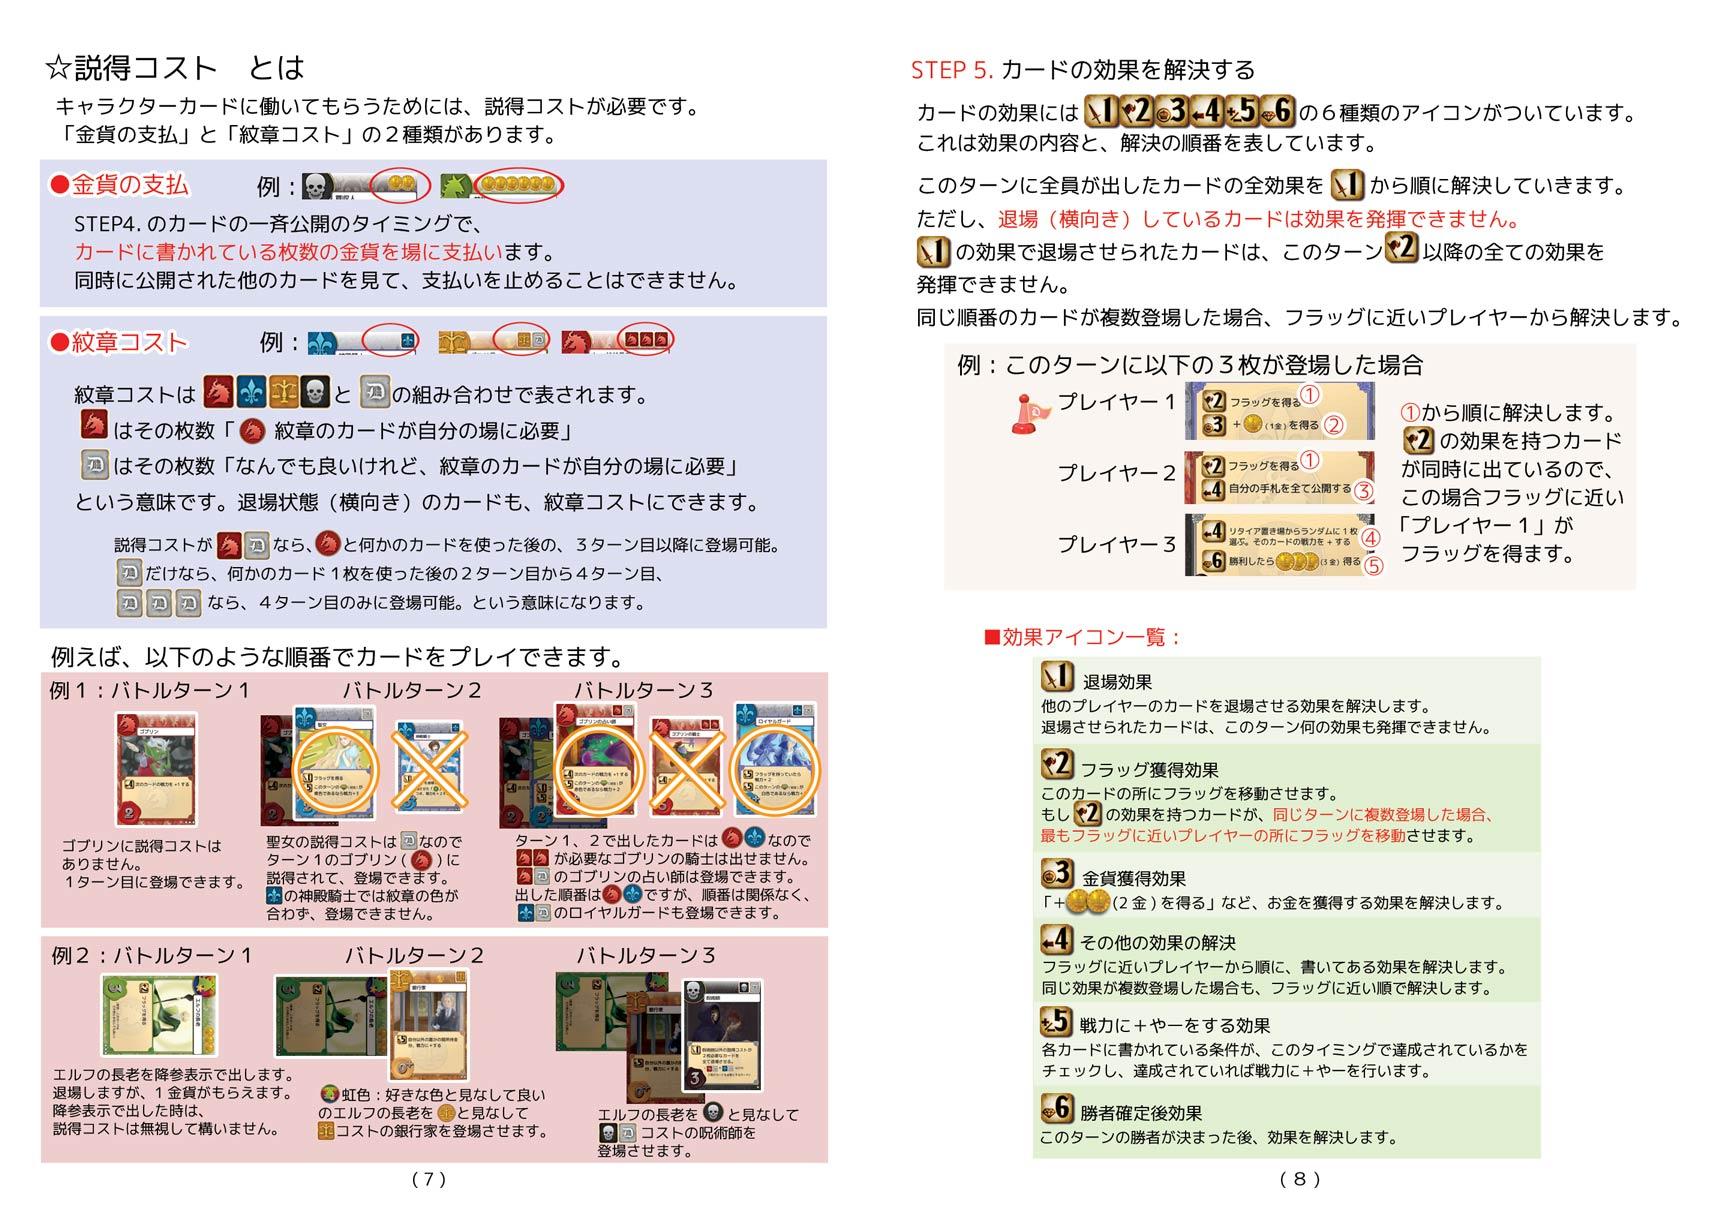 20121025235119255.jpg